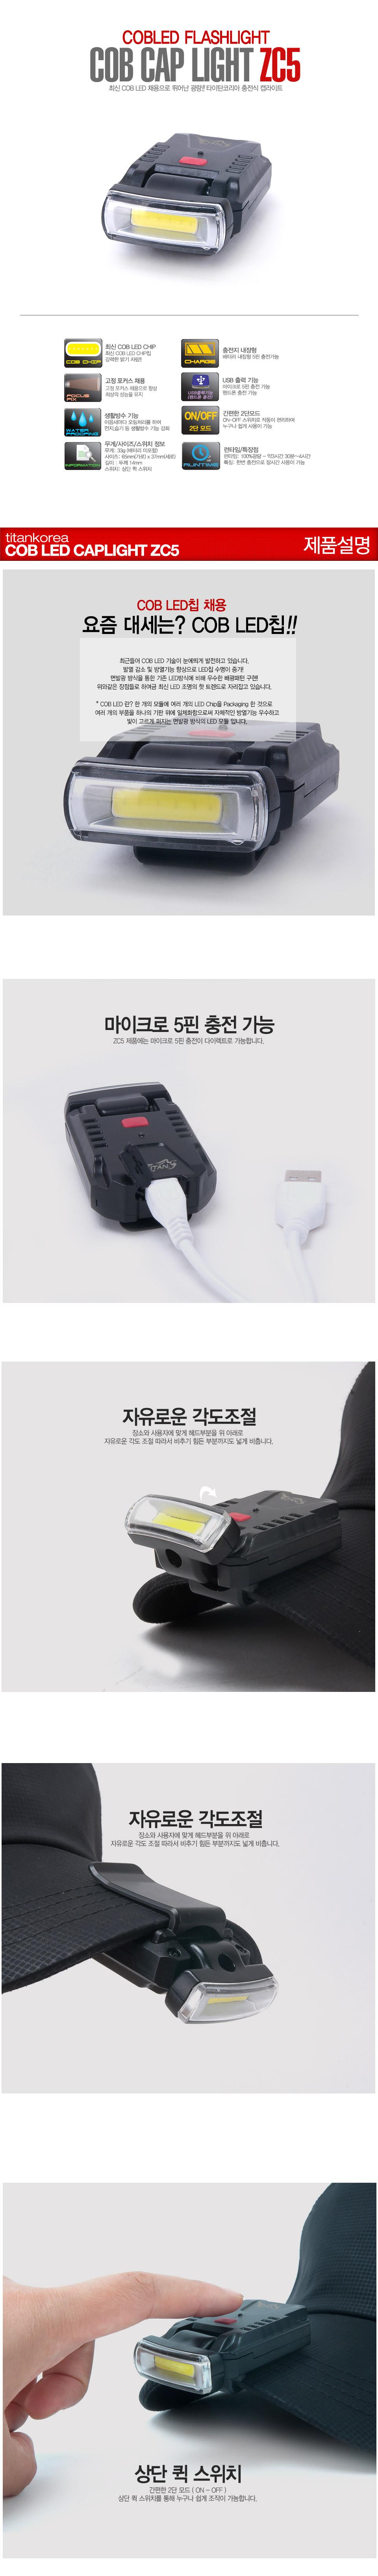 타이탄 면발광 각도조절 충전식 캡라이트 (ZC5) USB충전식캡라이트